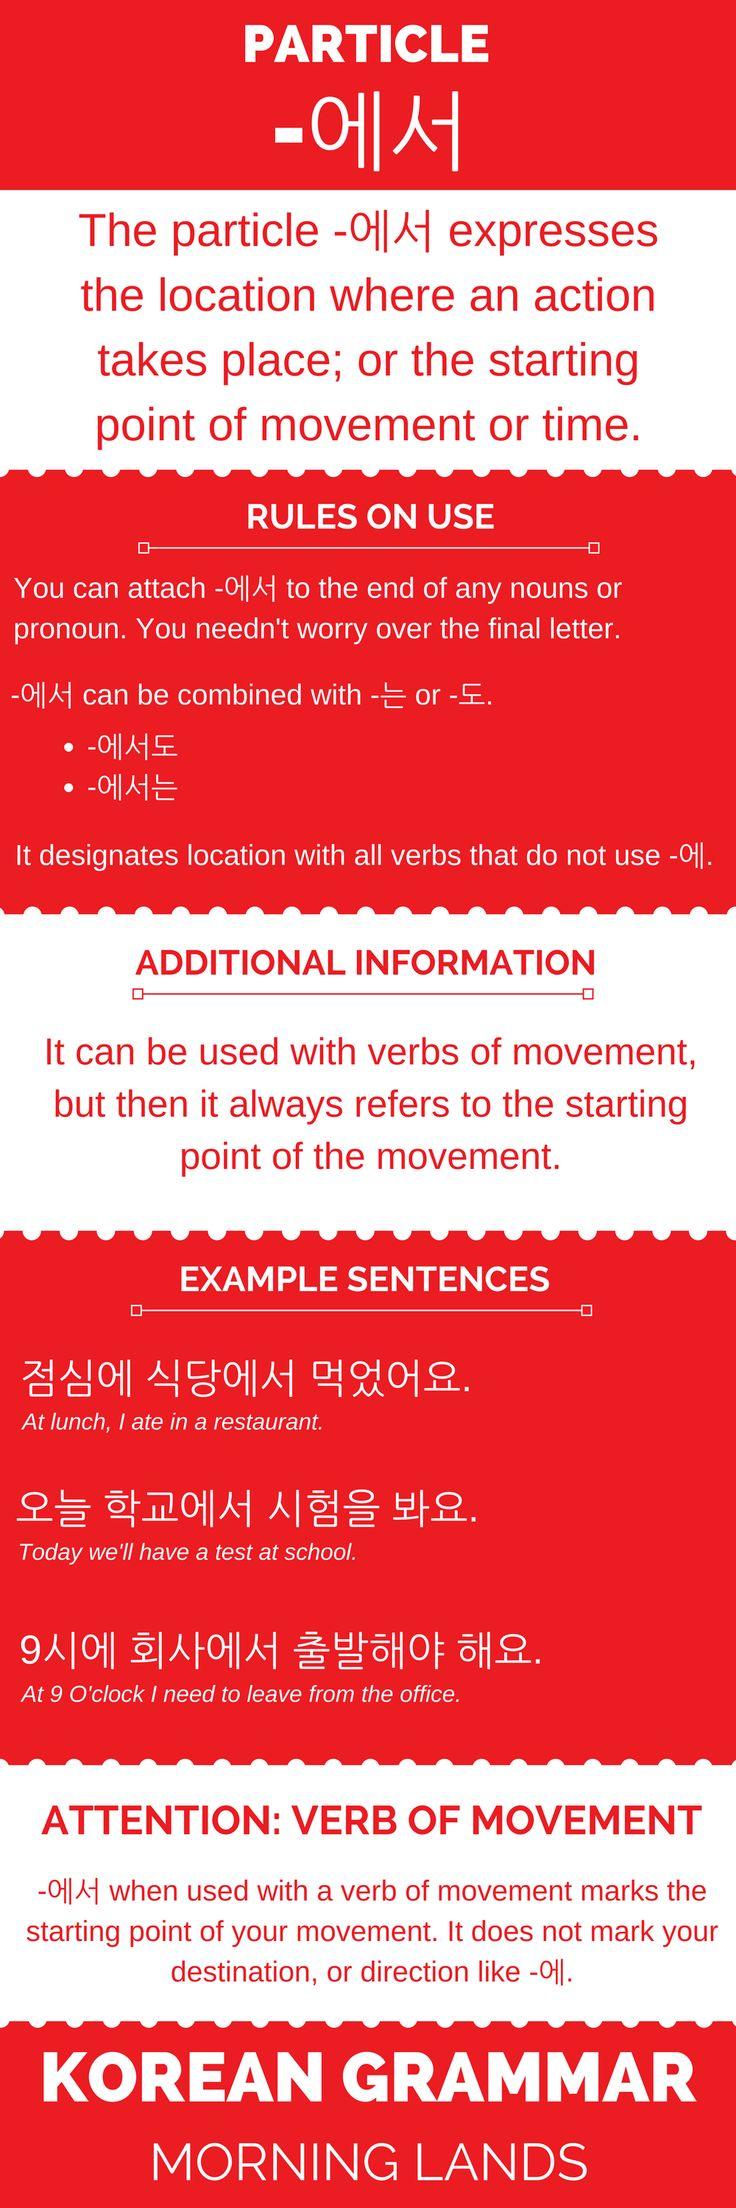 -에서 is another location particle, but this one is used with all verbs, except the verbs of movement and 있다/없다, but another use does use movement verbs. #LearnKorean #Korean #한국어